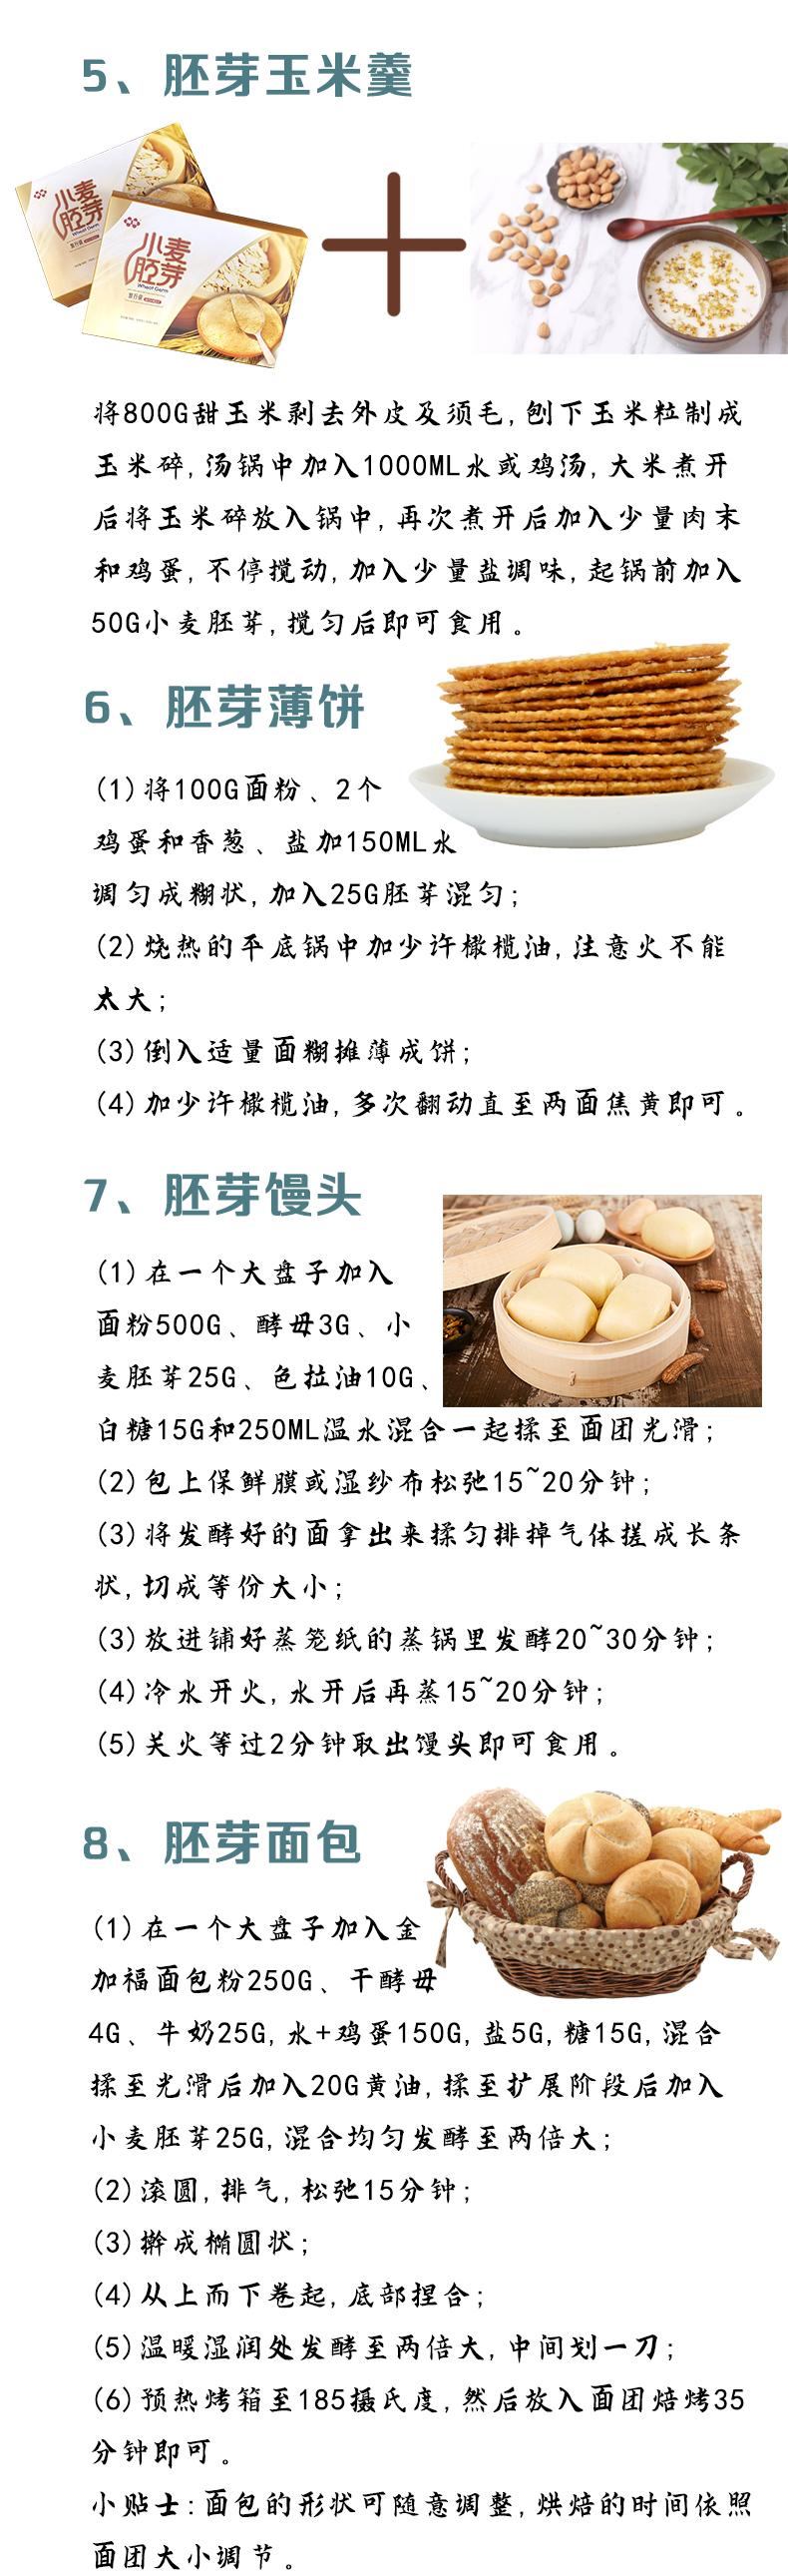 食用建議3